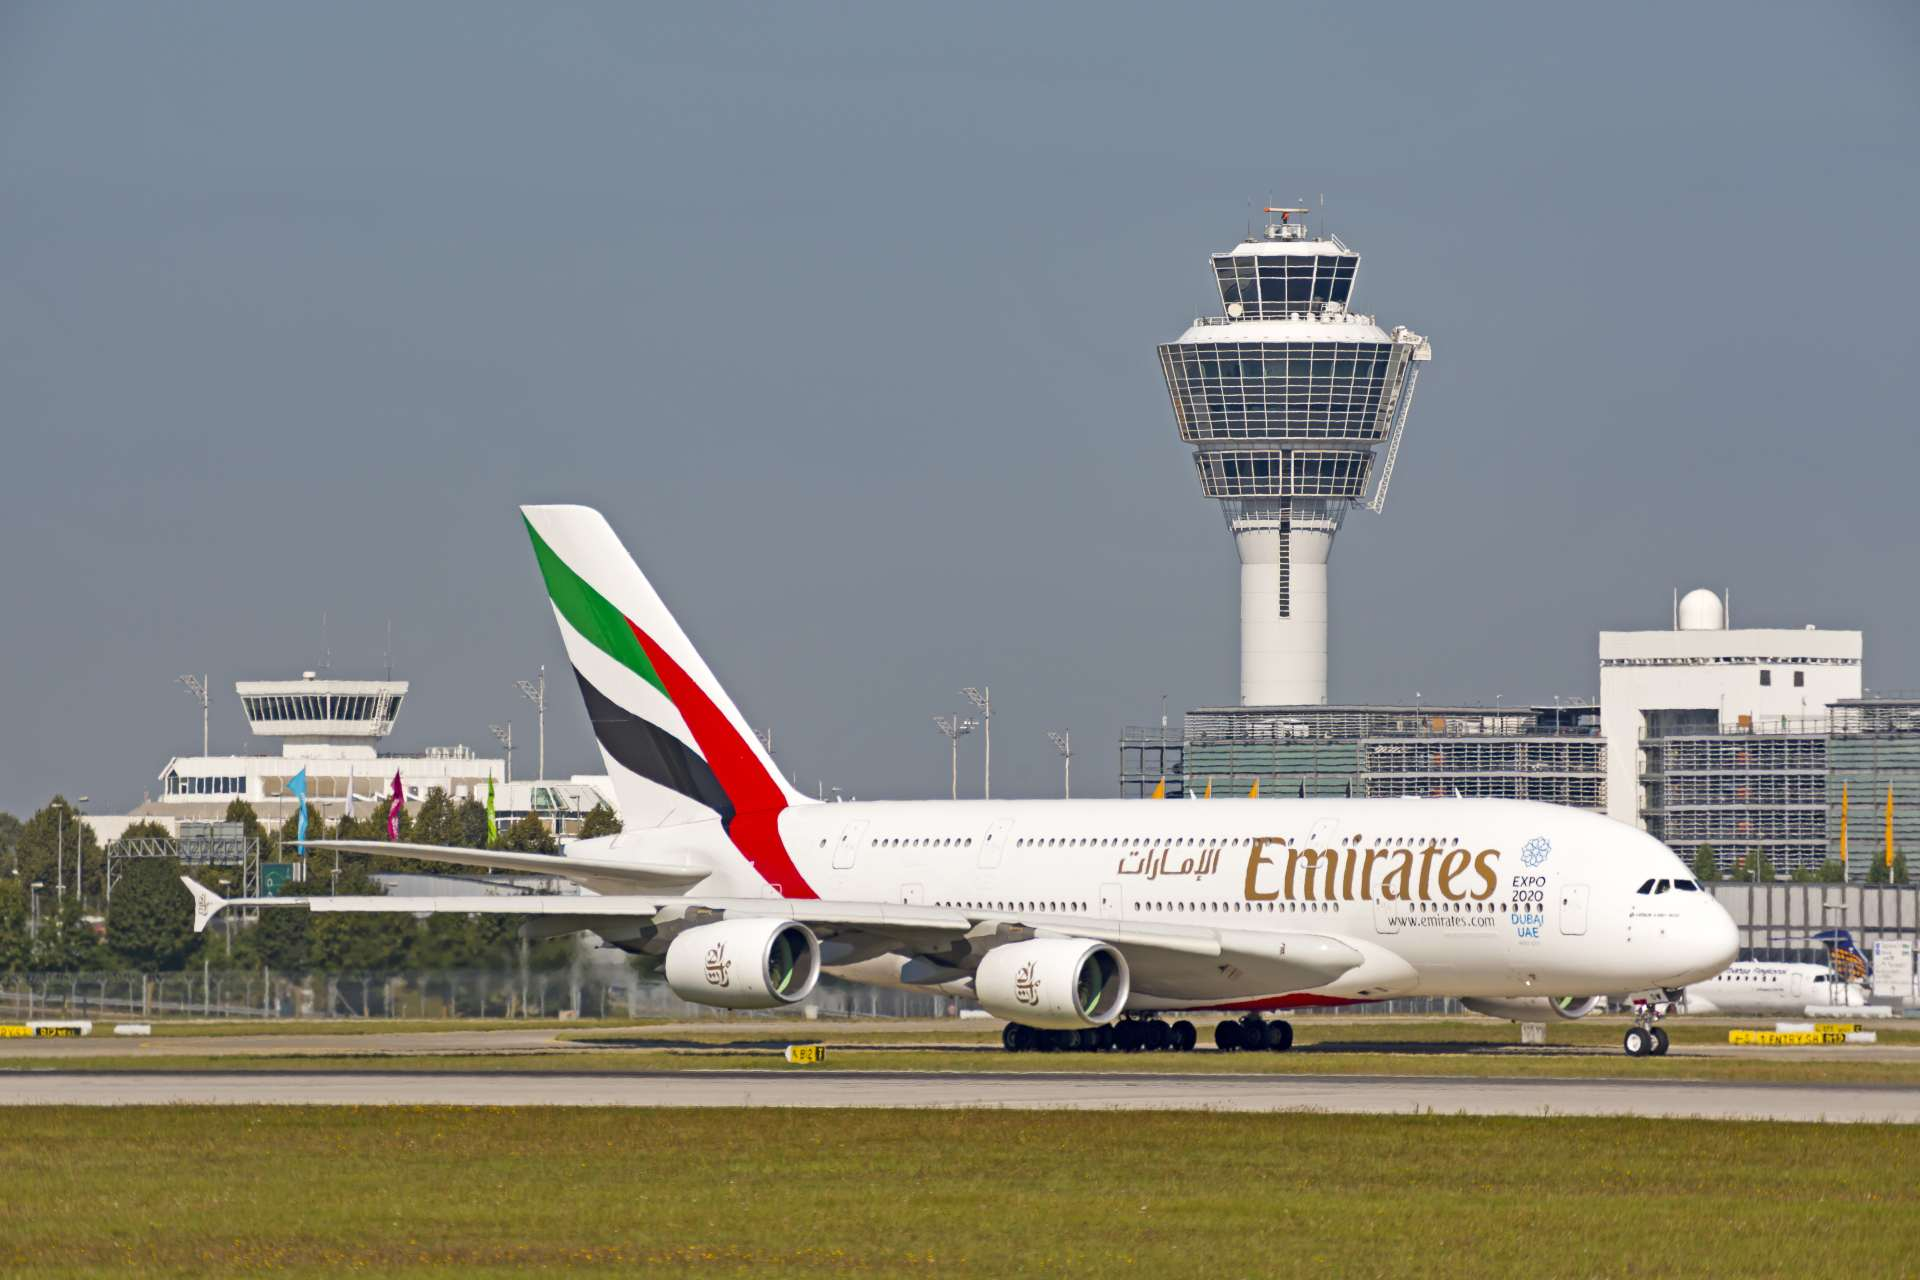 Flughafen München Emirates Airbus A380 auf dem Rollfeld